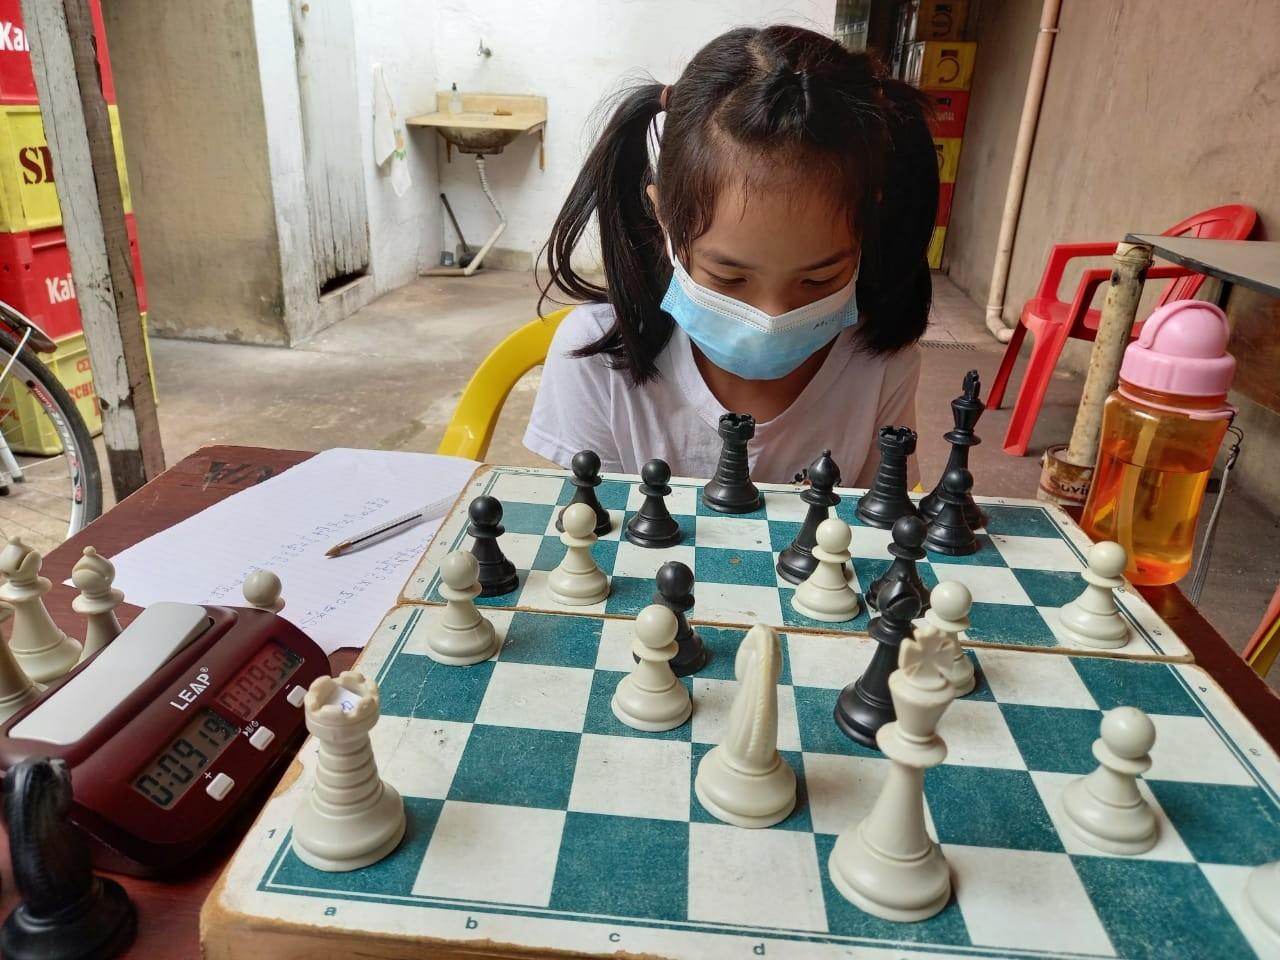 Aos 9 anos, aluna da rede pública já é tricampeã paulista e campeã nacional de xadrez escolar